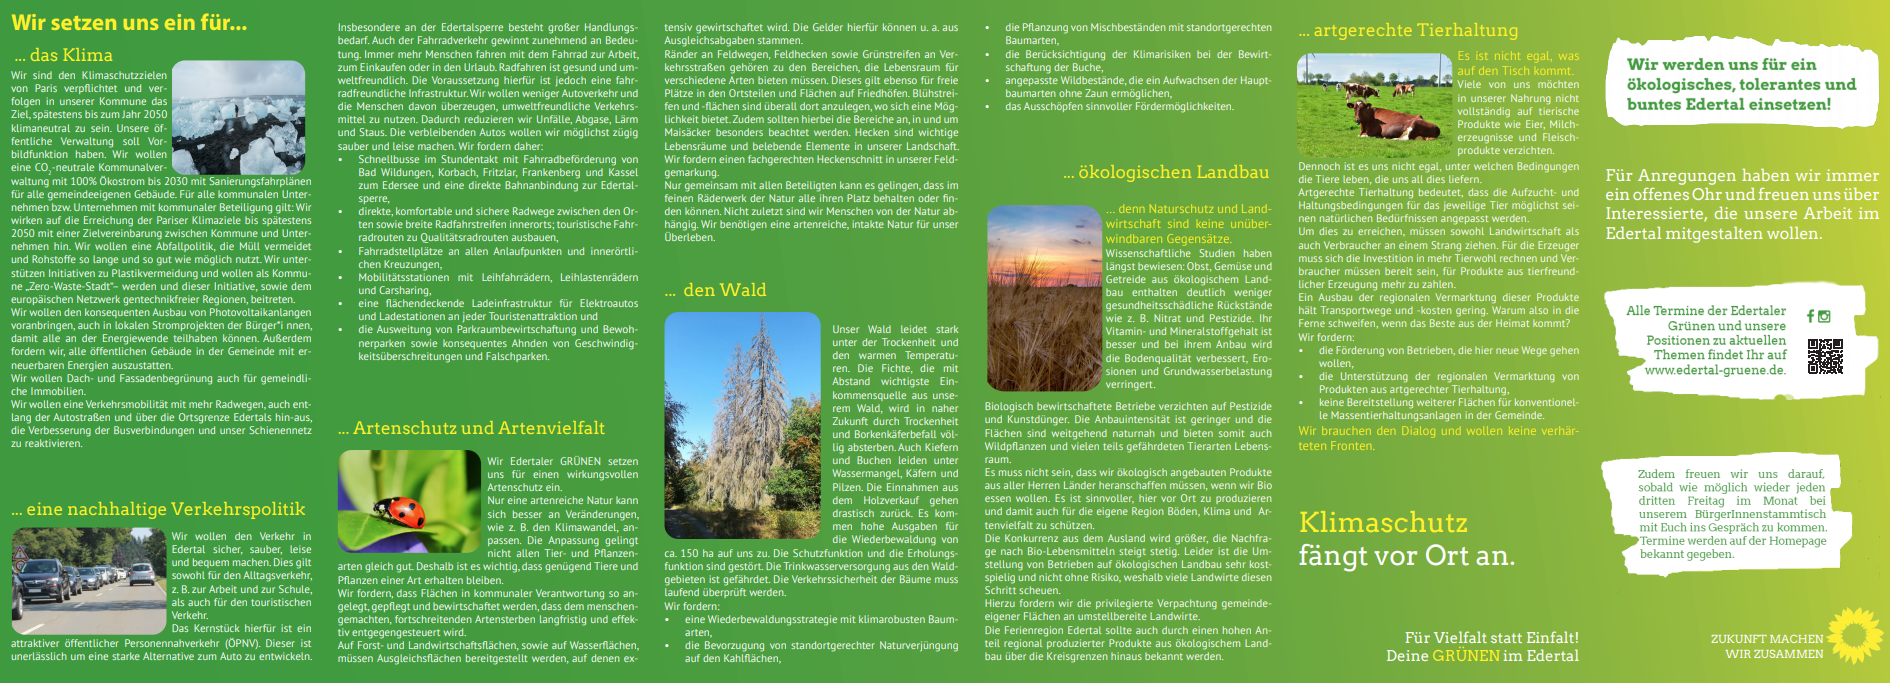 Themen-Flyer: Seite 2